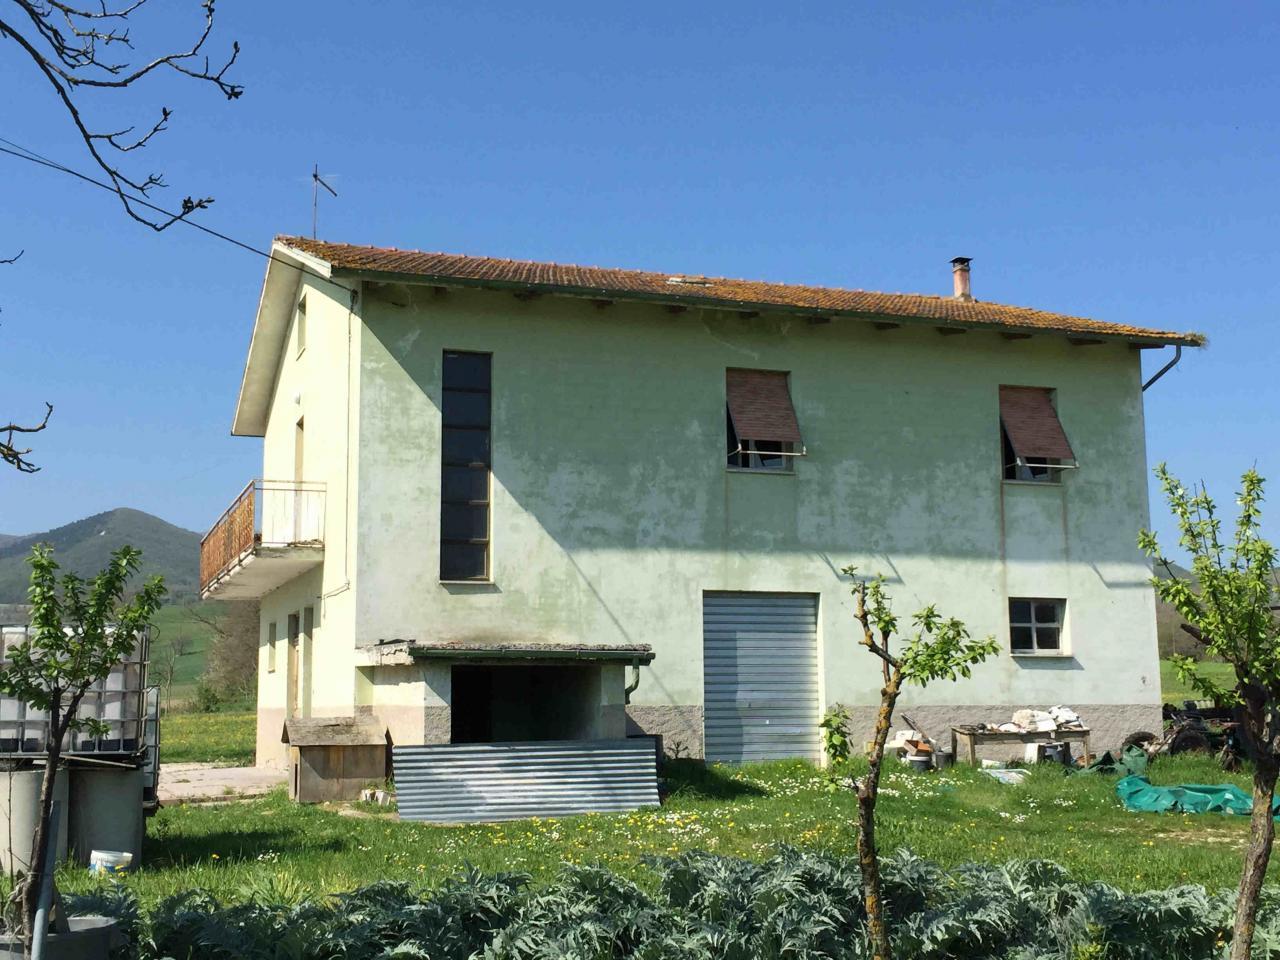 Soluzione Indipendente in vendita a Fabriano, 8 locali, zona Località: FRAZIONI, Trattative riservate | Cambio Casa.it